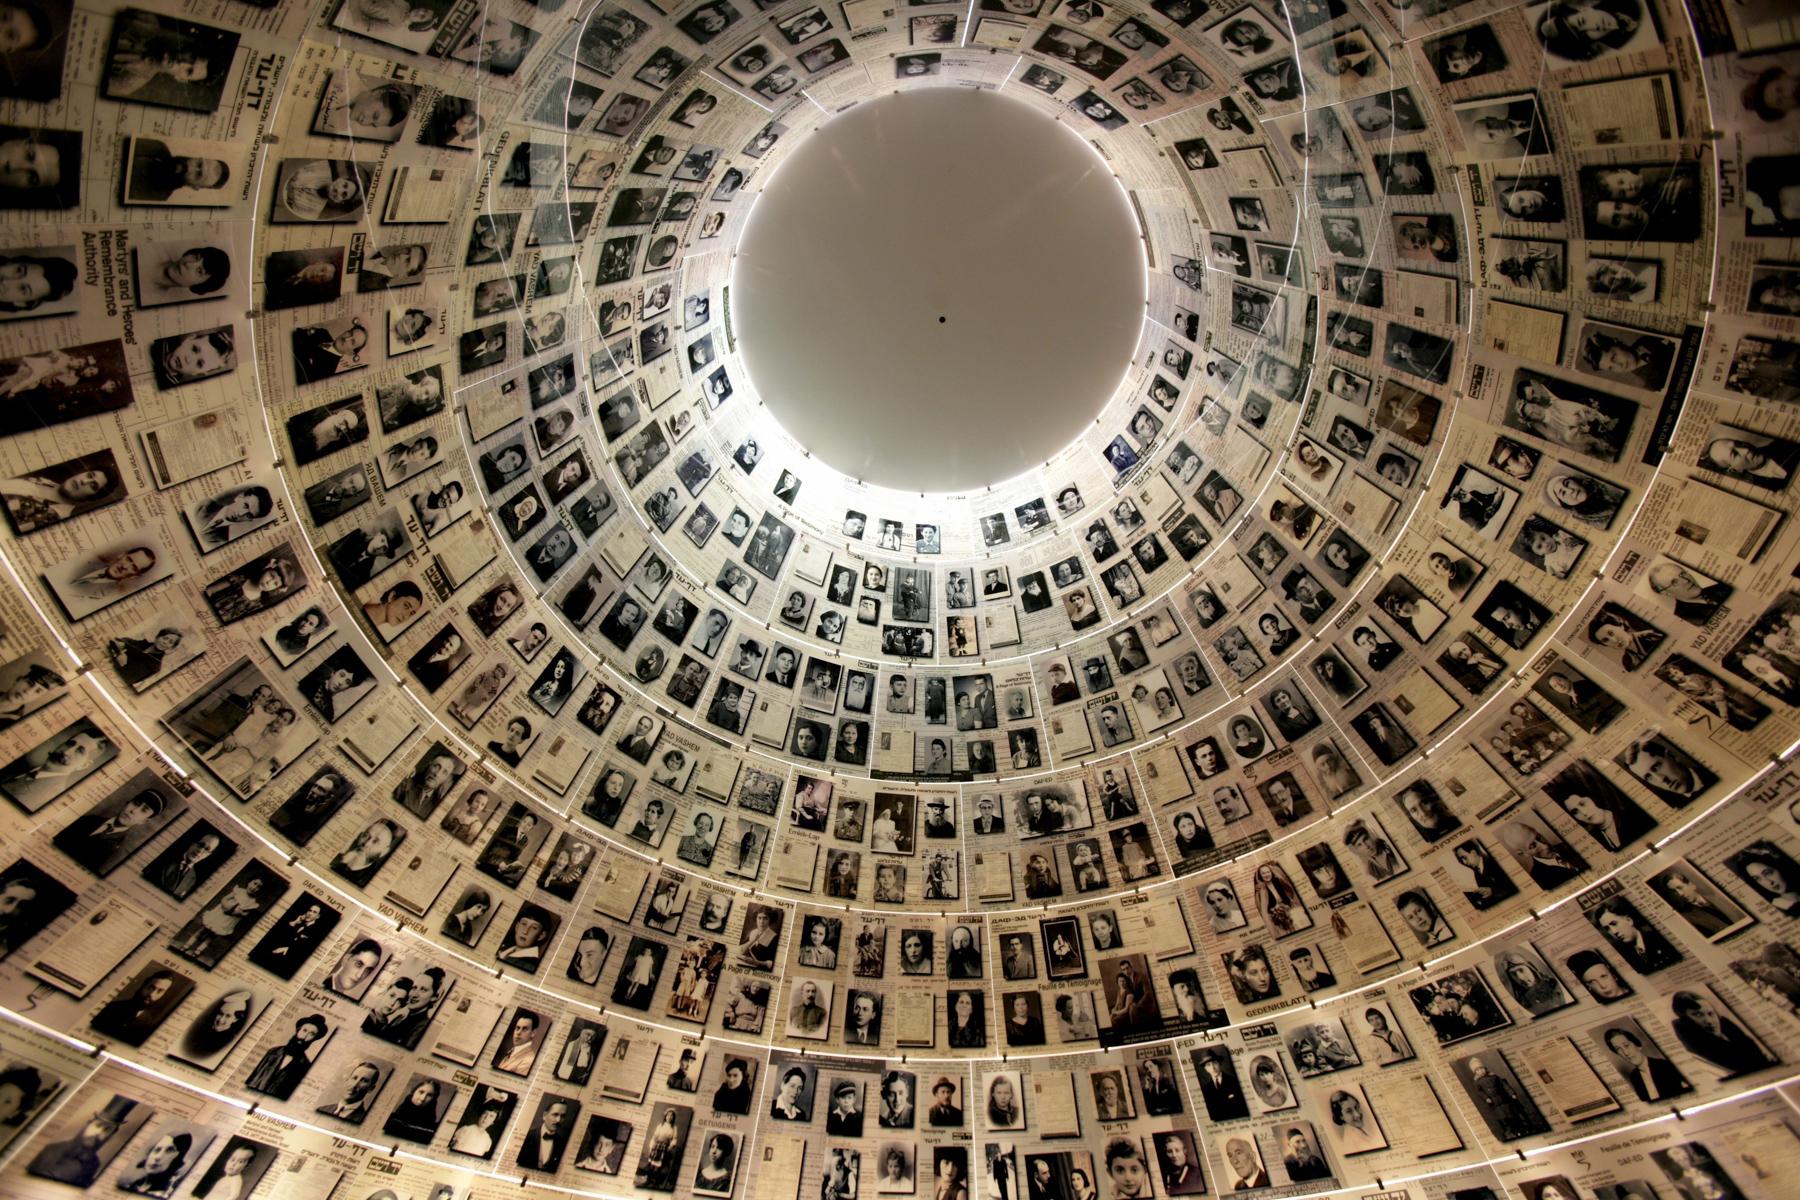 Des photos sur une spirale montant vers le plafond (© Ulrich Baumgarten via Getty Images)